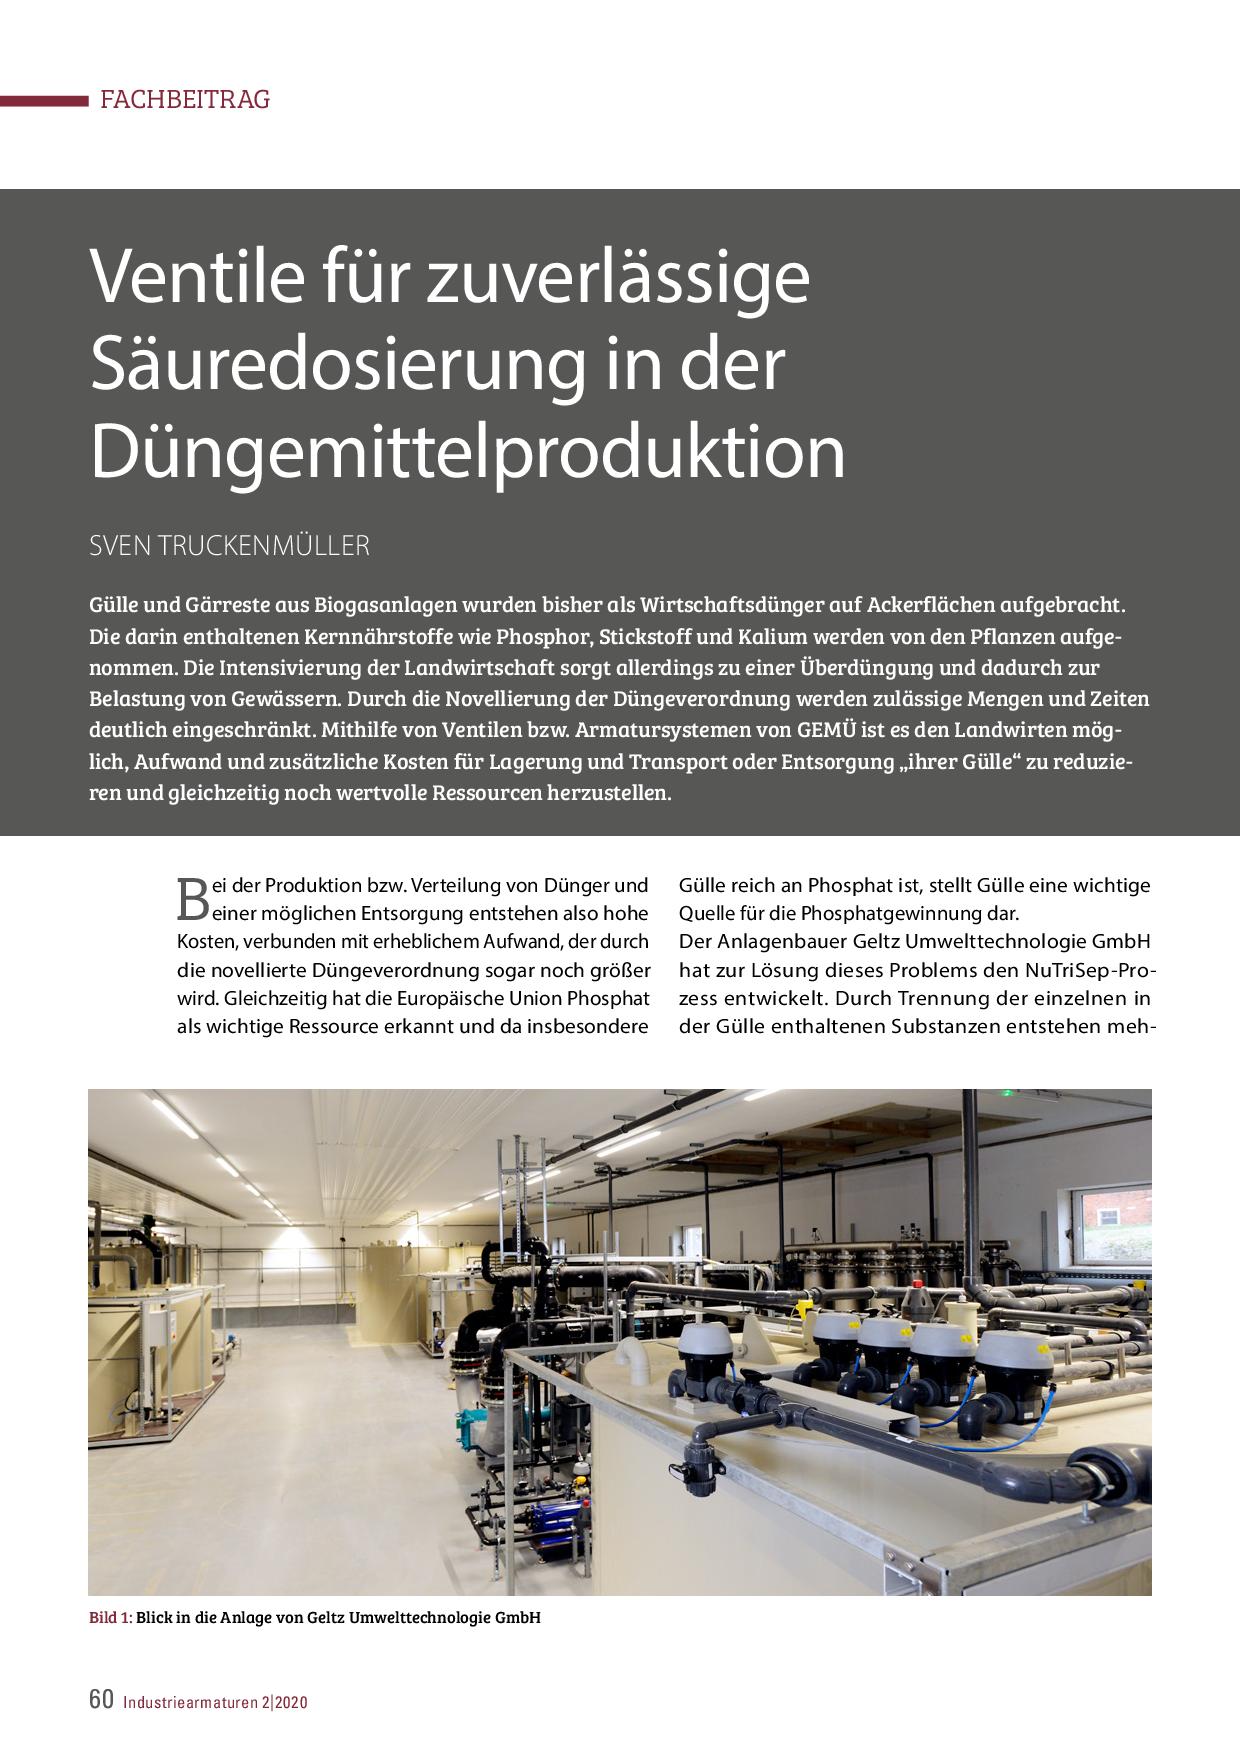 Ventile für zuverlässige Säuredosierung in der Düngemittelproduktion